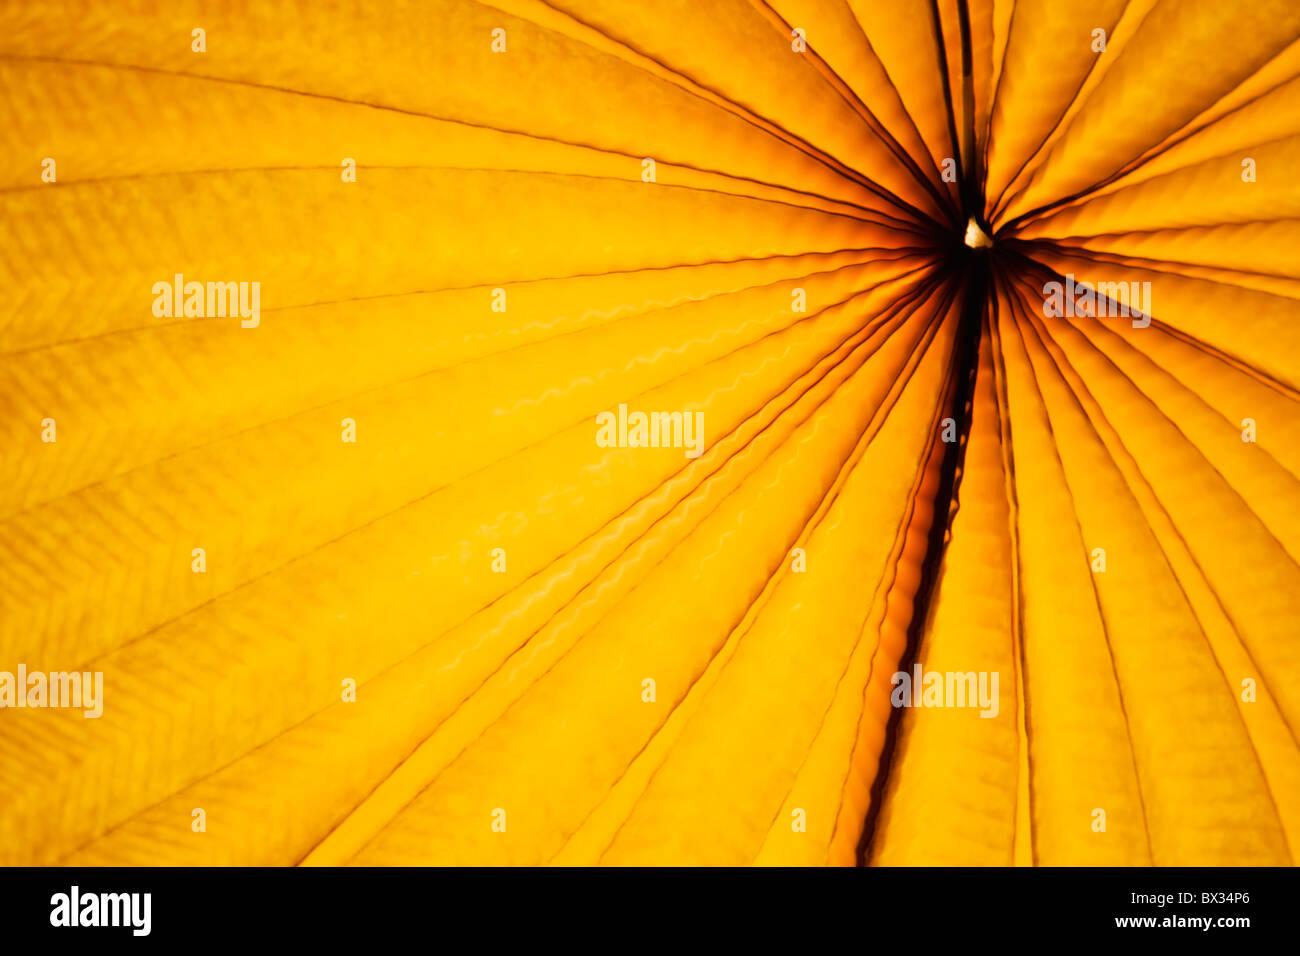 Lanterne de papier chinois dans l'éclairage orange de lumière la nuit. Photo Stock